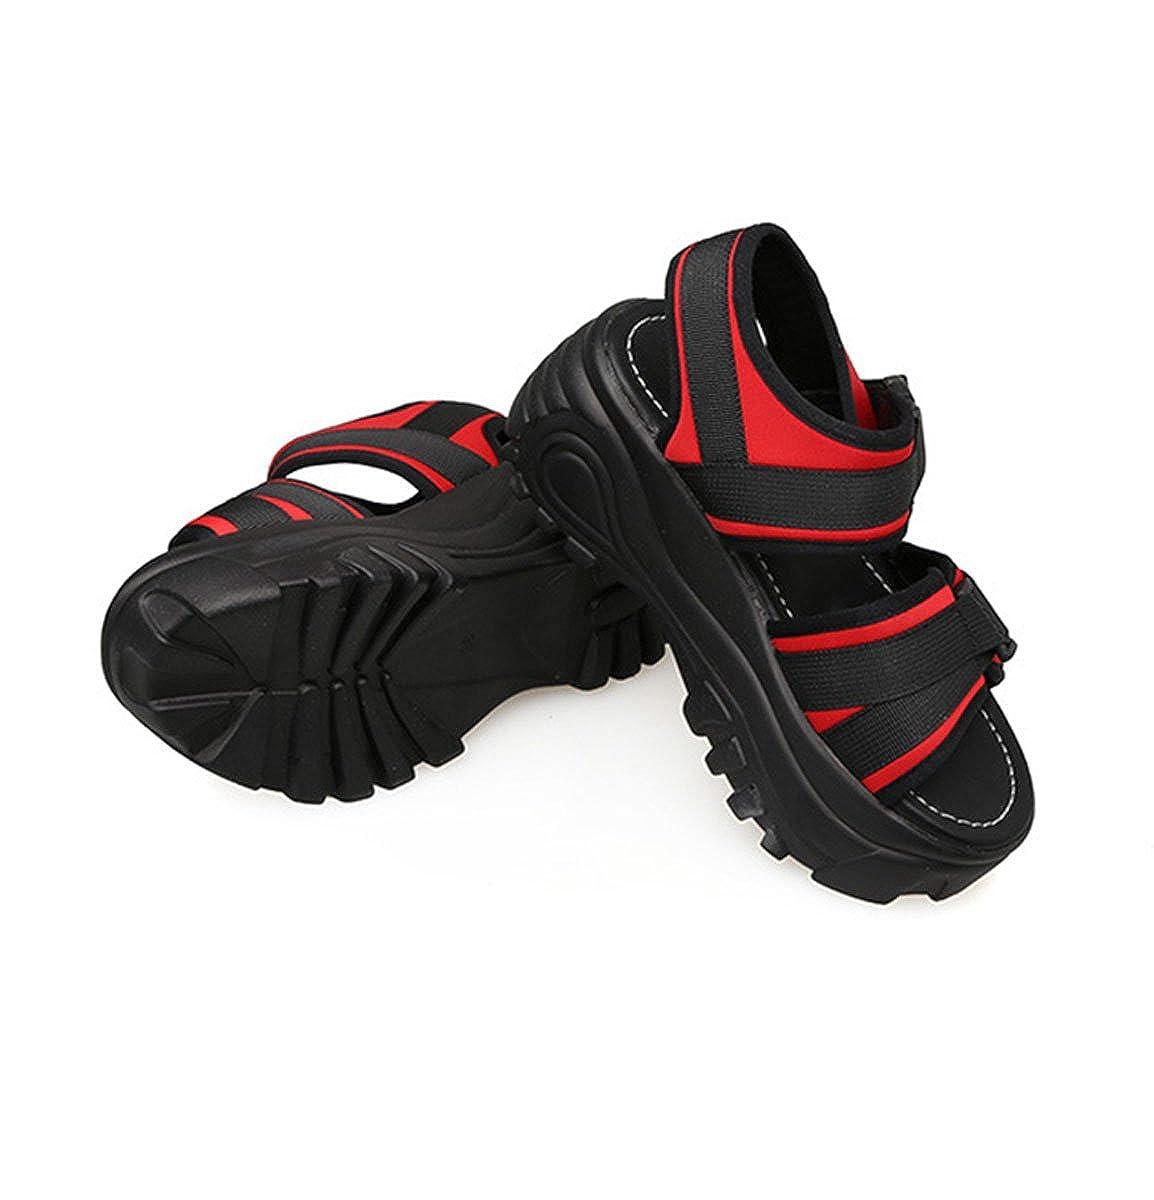 Damen Sandalen Klettverschluss Plateau Dicke Sohle Römische Stil Freizeit  Sommer Schuhe Rot 39 EU  Amazon.de  Schuhe   Handtaschen dac965cfa8